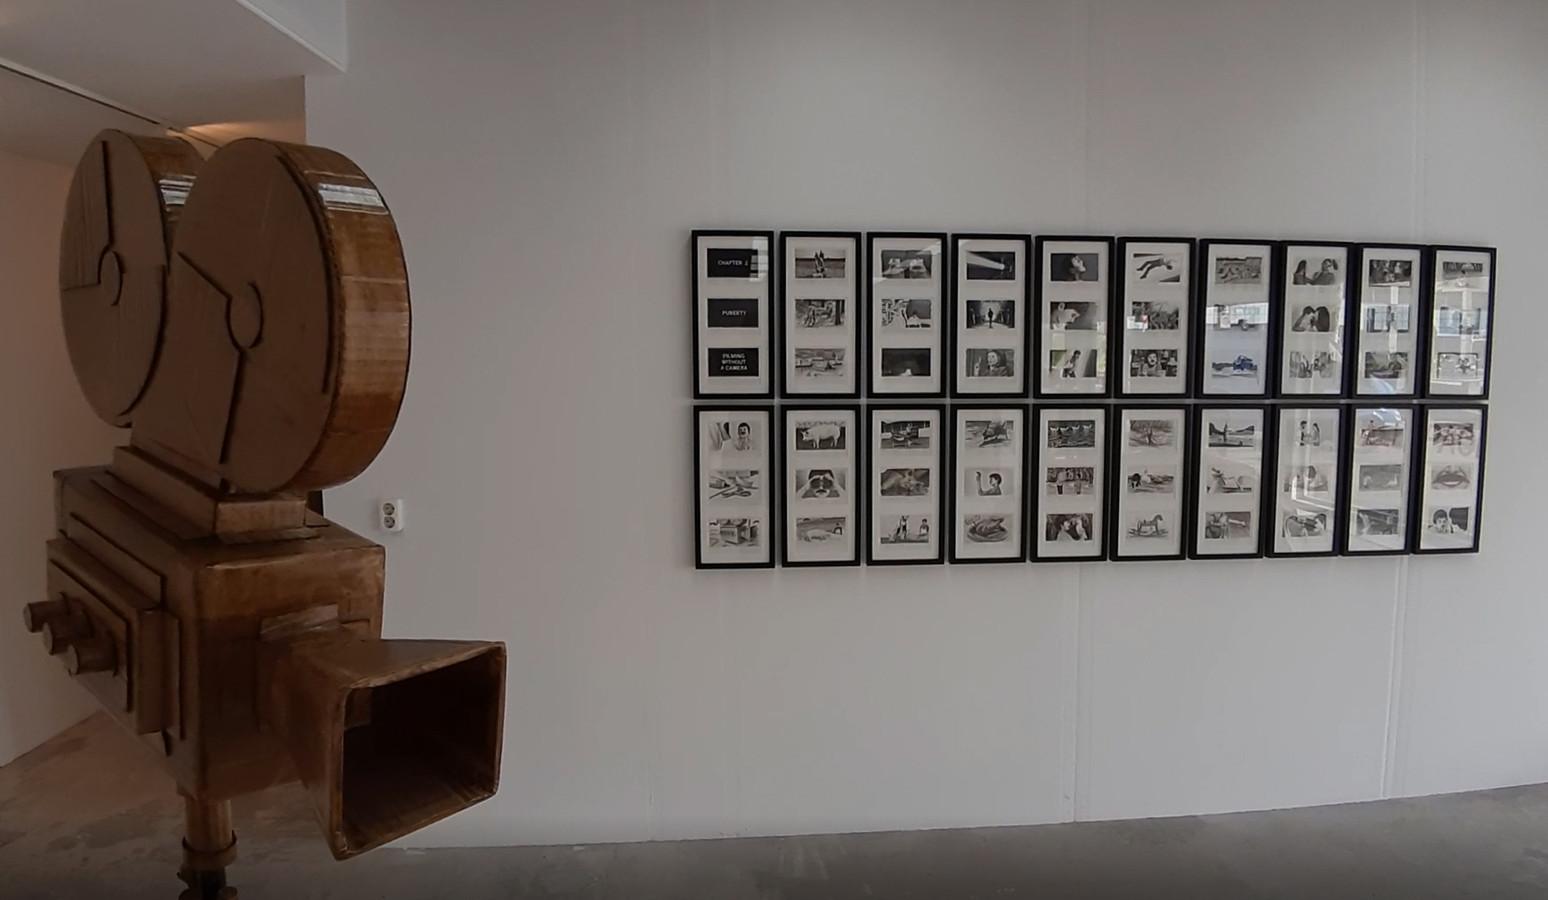 Werk van de Eindhovense kunstenaar Vincent Dams, onderdeel van de expositie 'Blockbuster', een project van het Van Abbemuseum en het collectief Wallstreet.